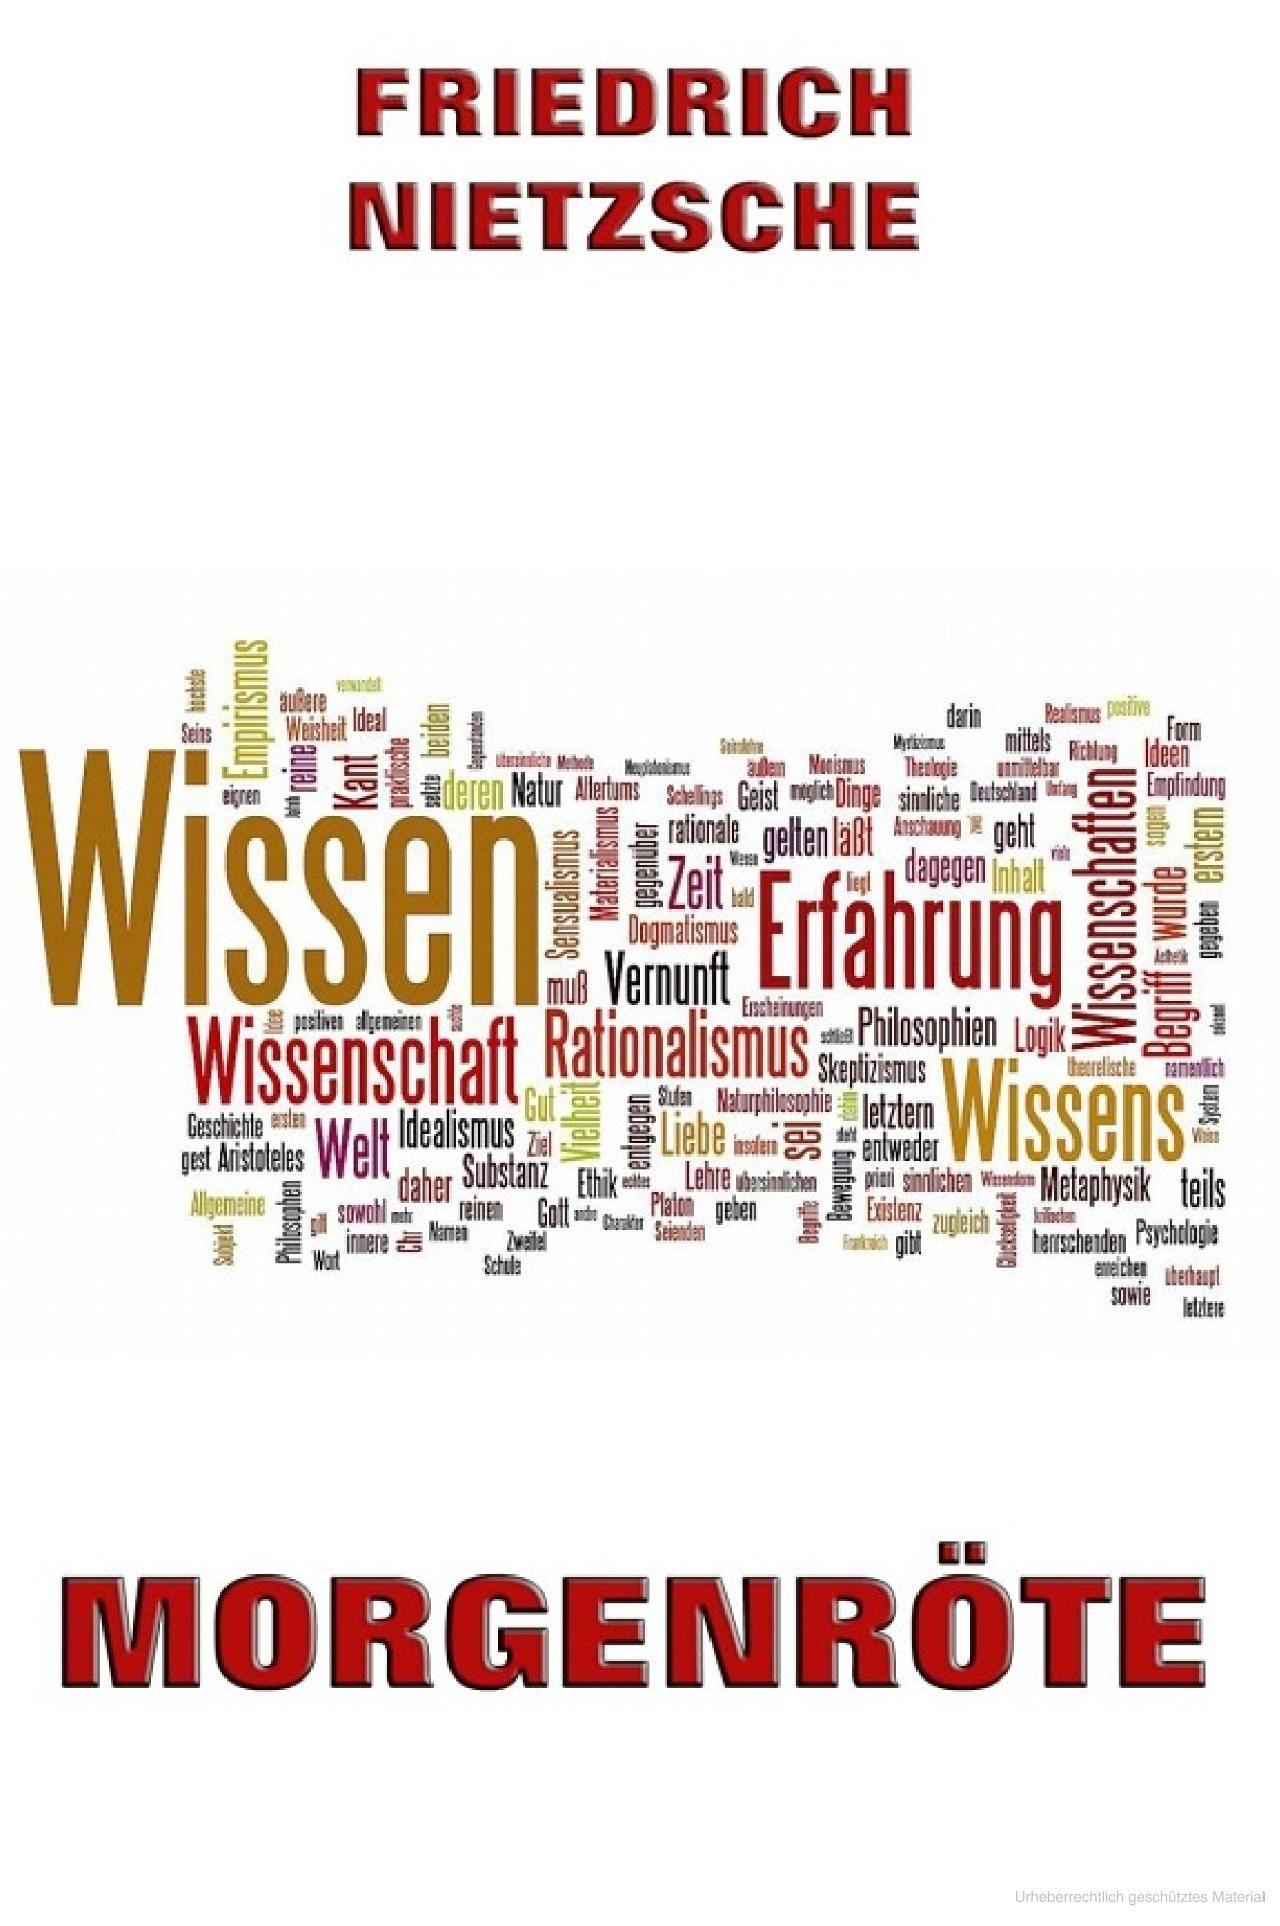 Morgenrote Friedrich Nietzsche Google Books Georg Simmel Zitate Zum Tag Der Freundschaft Neuanfang Zitate